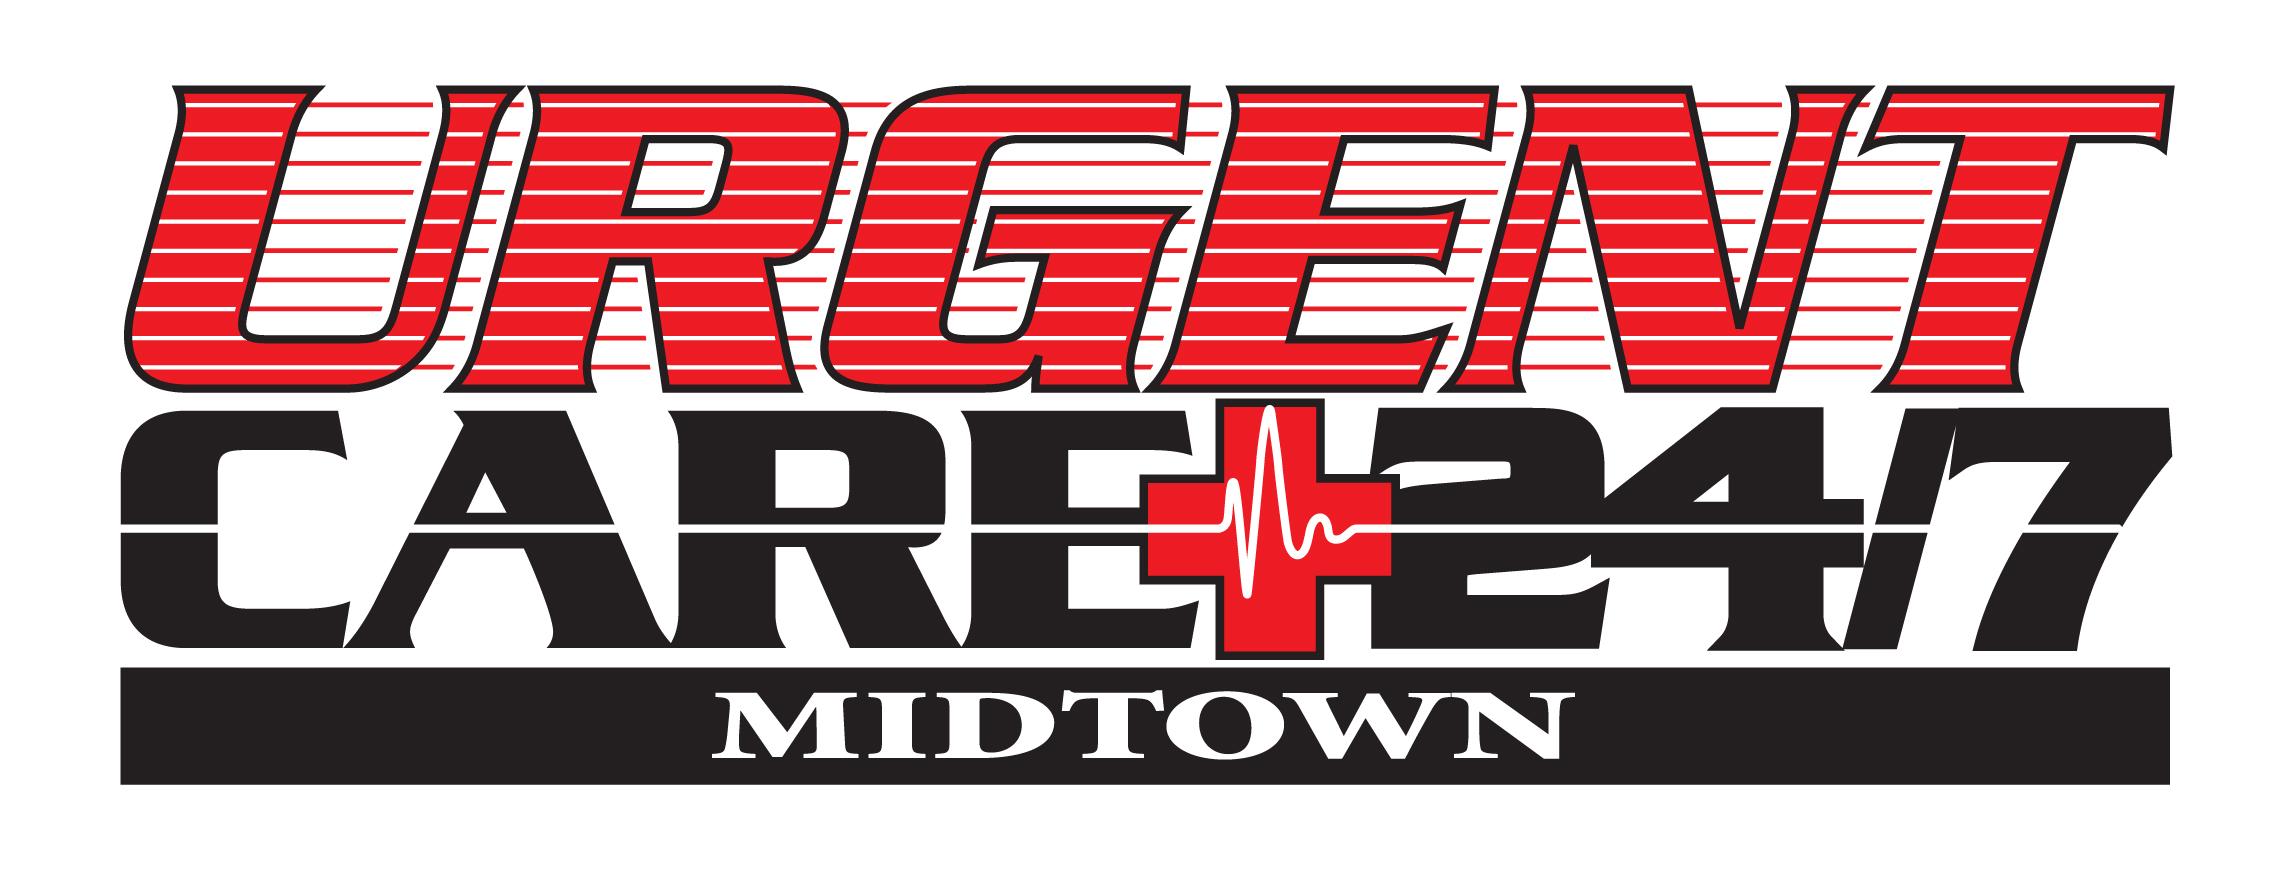 Urgent Care 24/7 Midtown